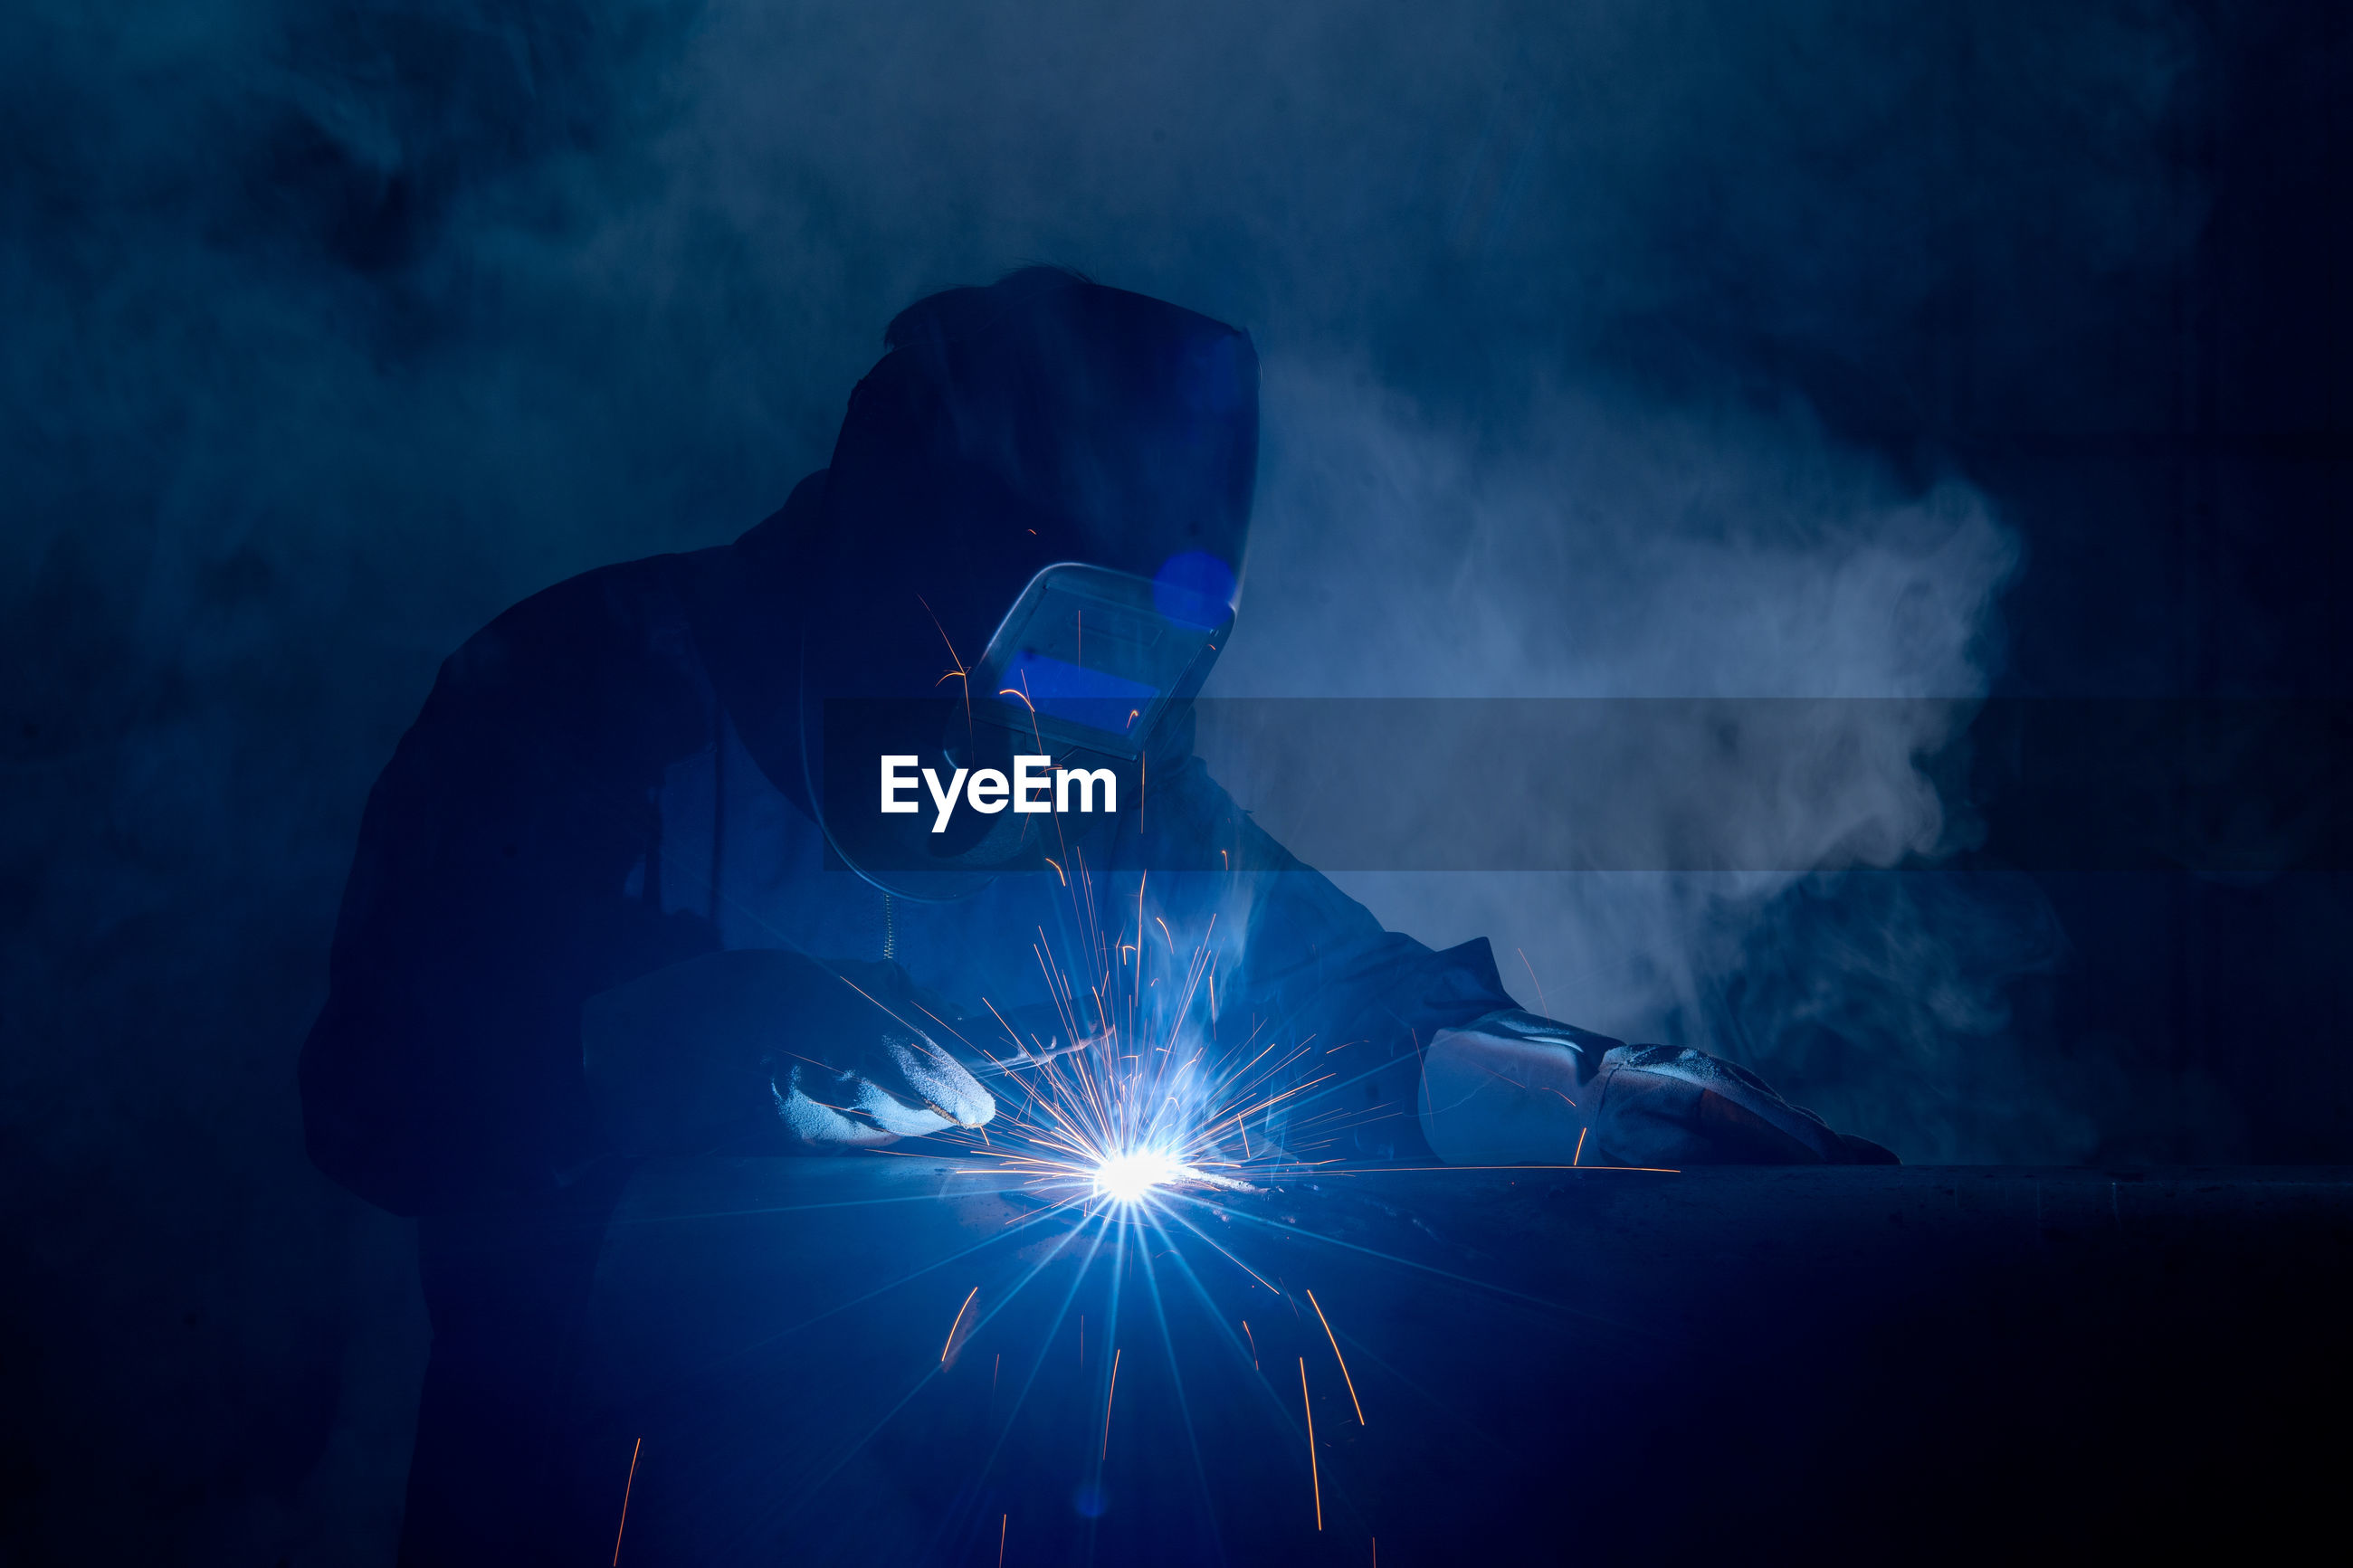 Man welding metal in workshop